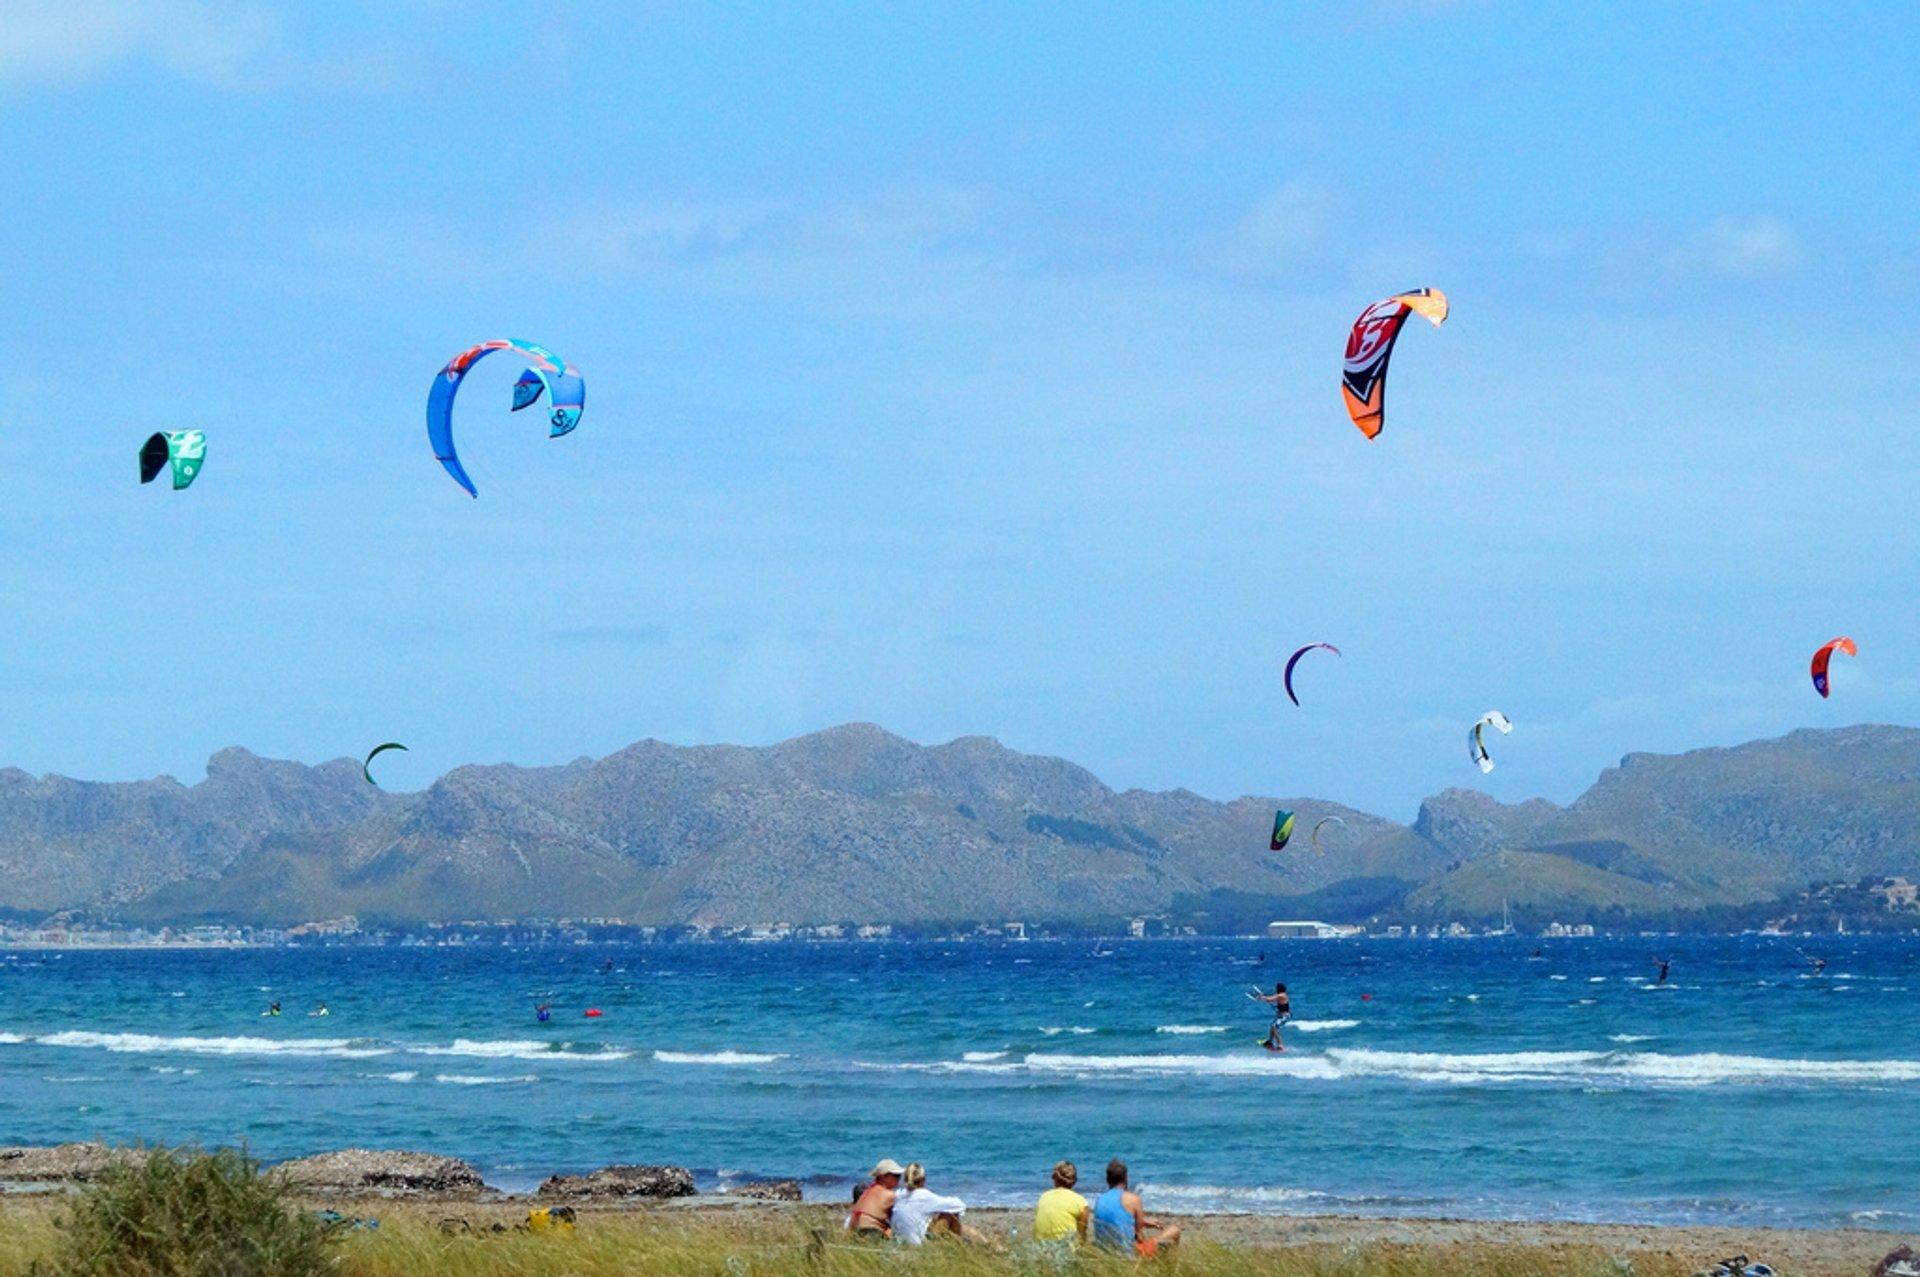 Kite Surfing in Alcudia Mallorca 2020